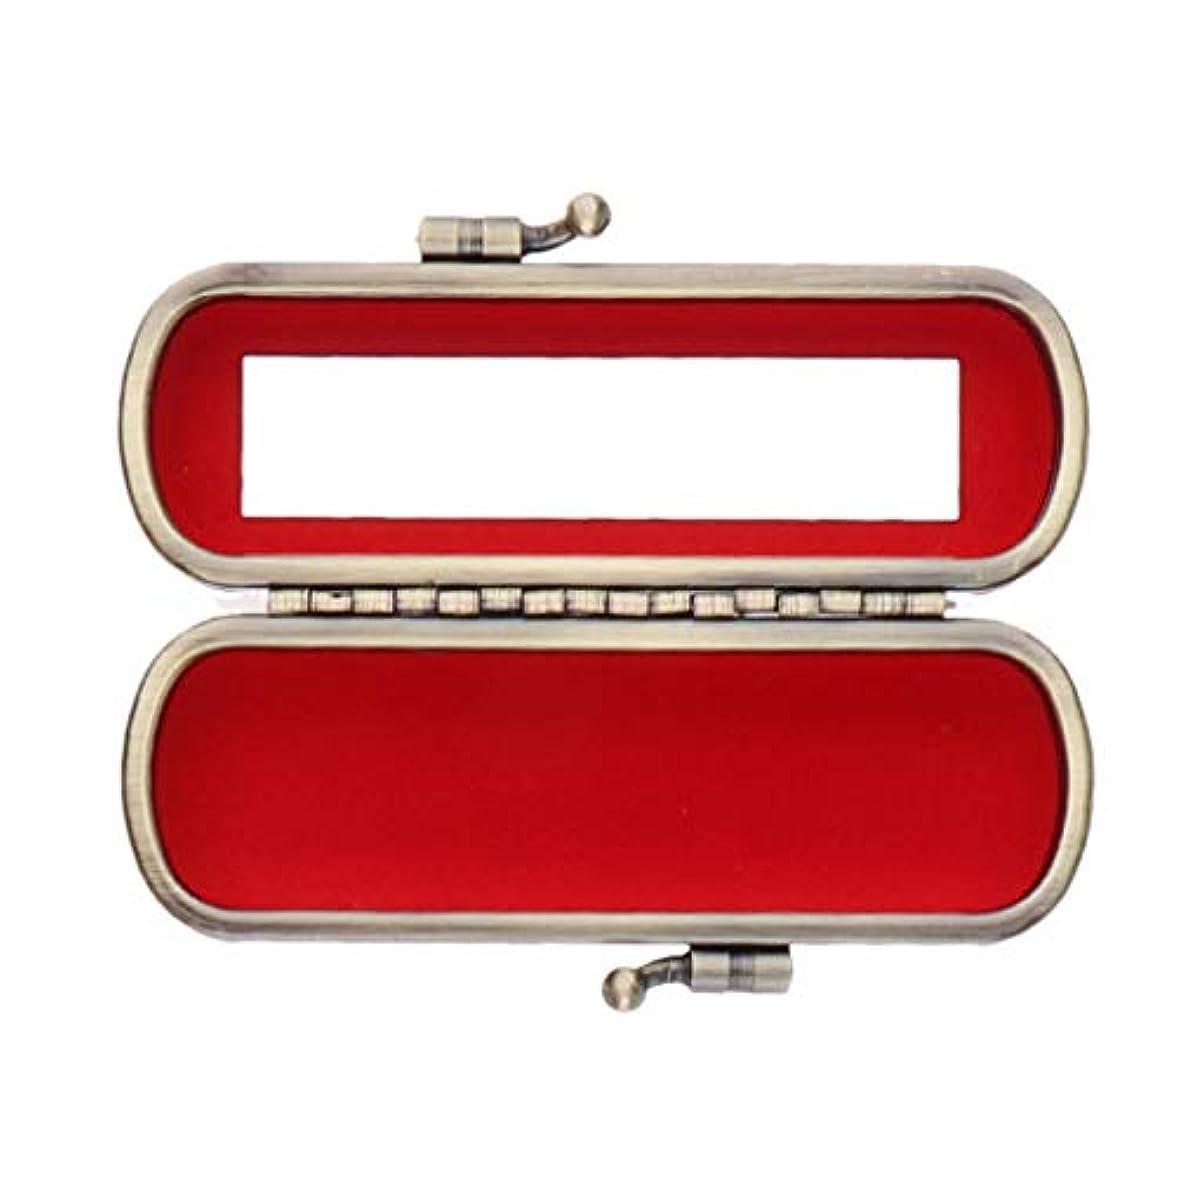 ゴミ箱上流のヘビ財布用ミラーオーガナイザーバッグ付きかわいいレザーリップスティックリップクリームケース - 赤